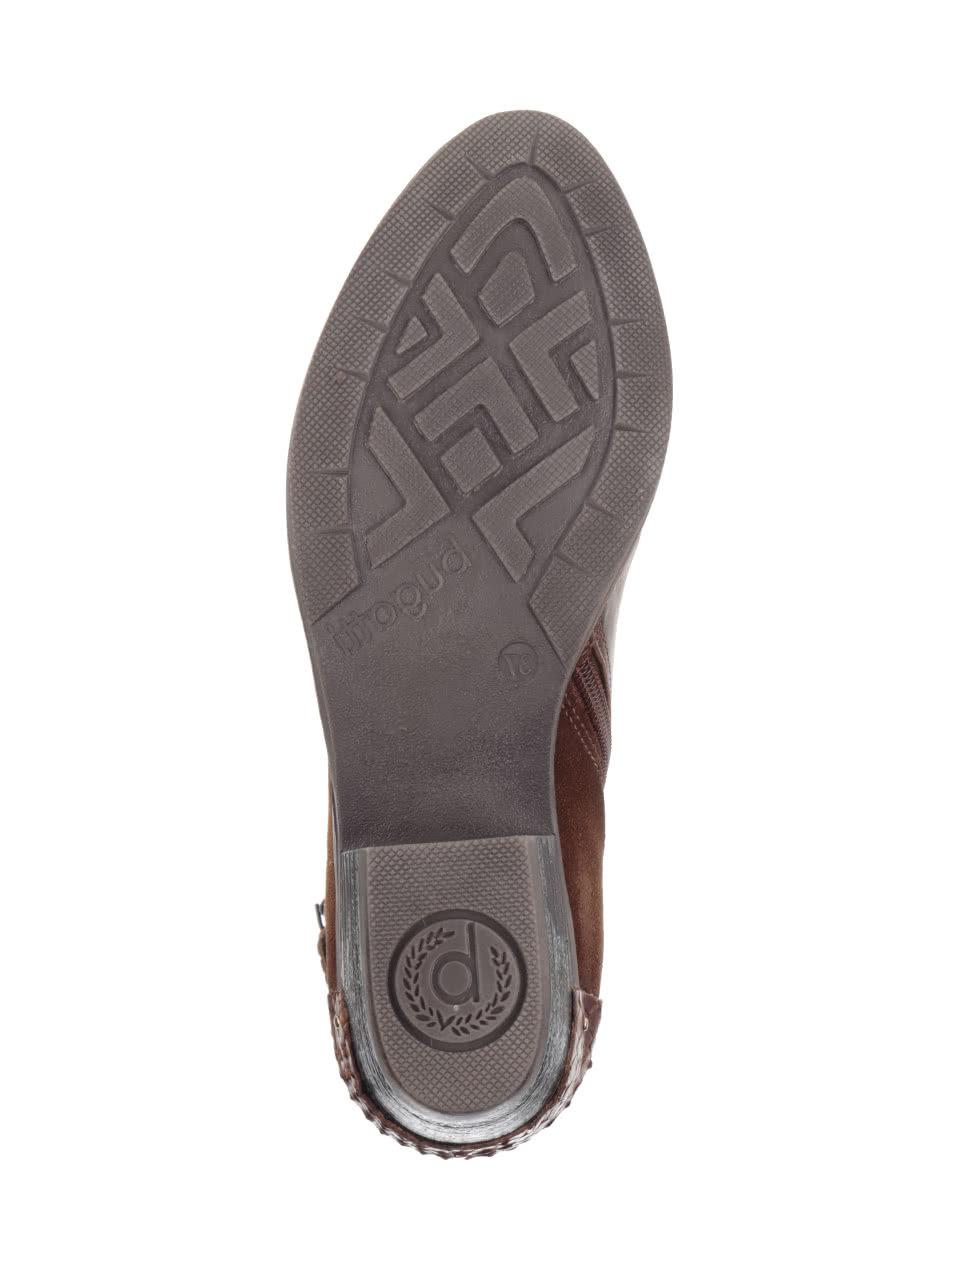 1d055162b5 Hnedé dámske členkové topánky s prackou bugatti Lusie ...